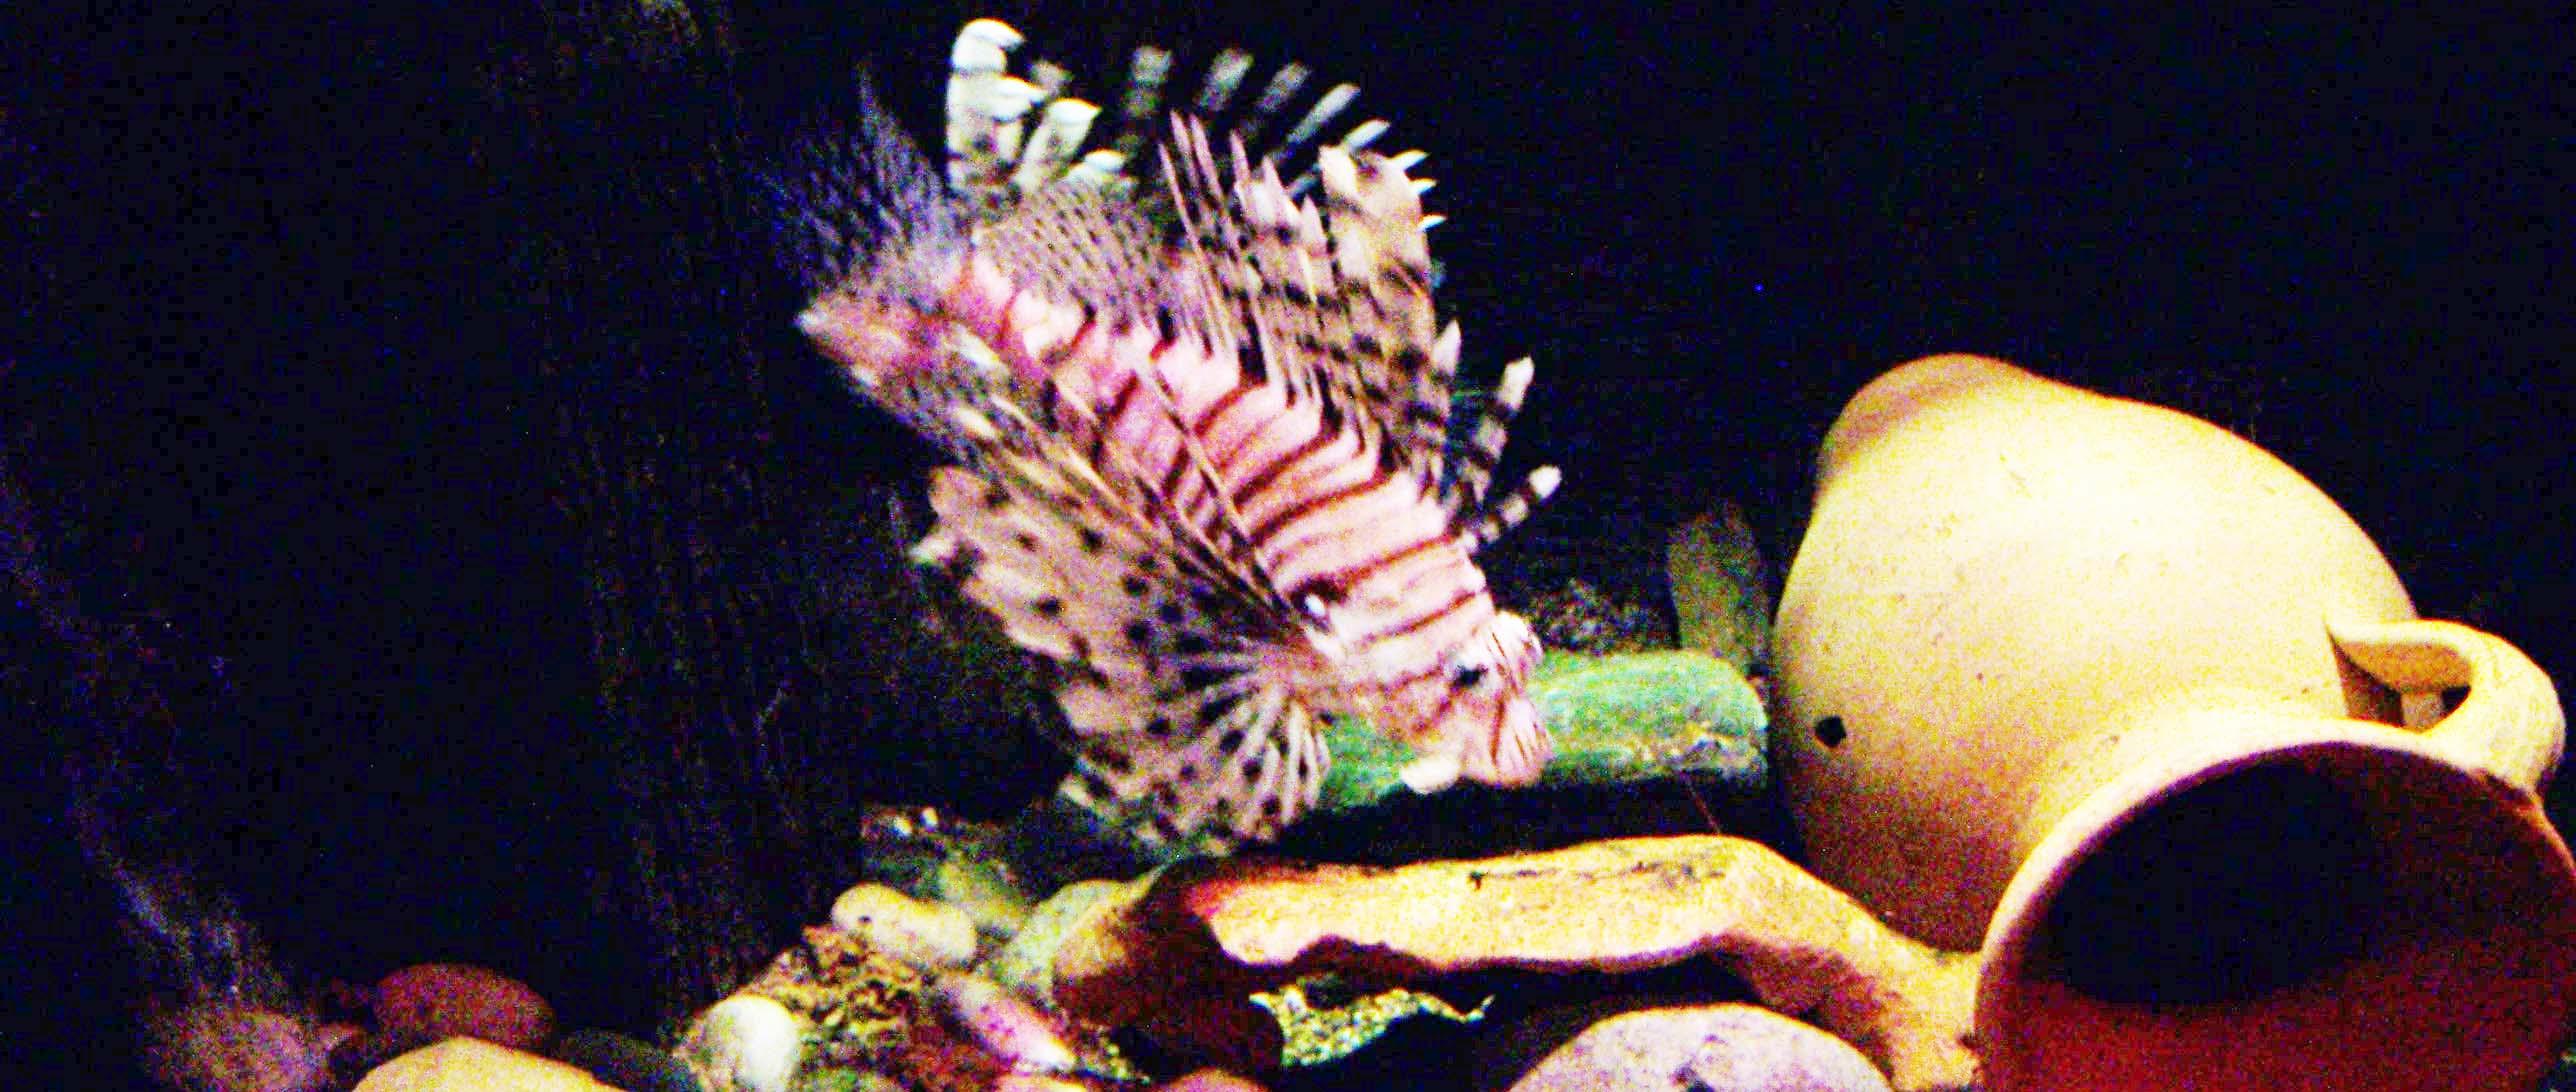 Feuerfisch Amphore